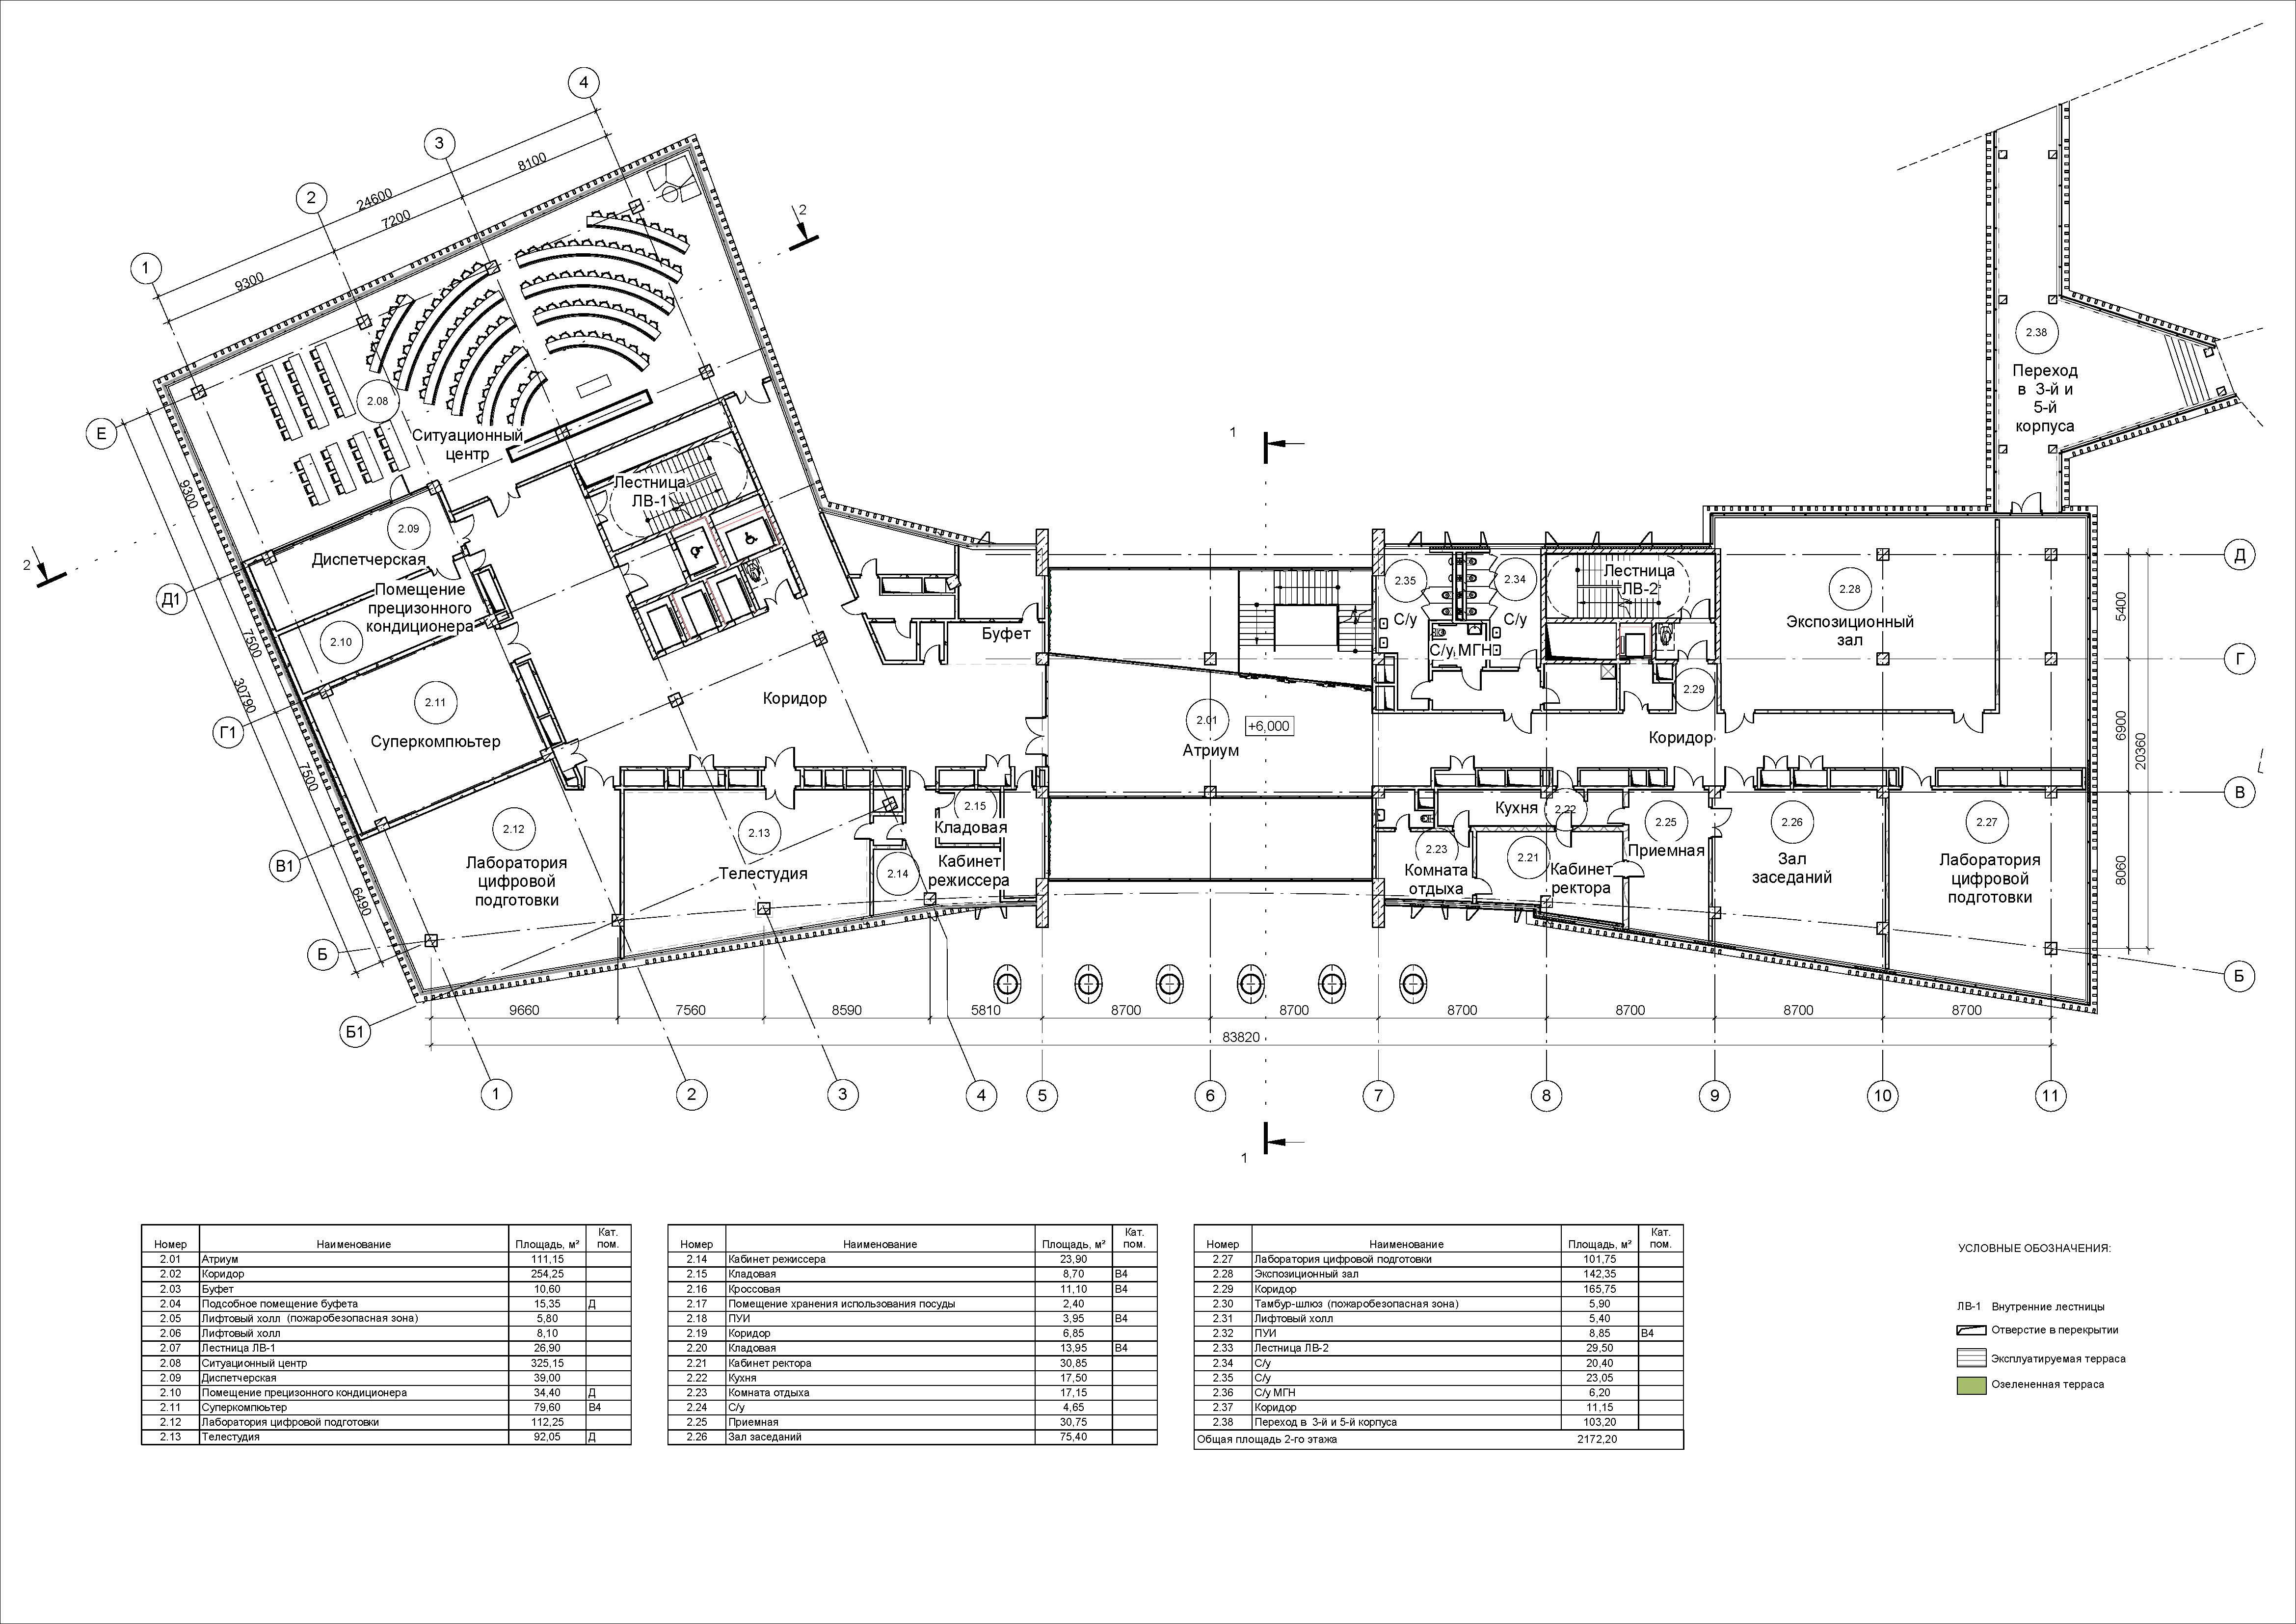 2-й этаж Корпус цифровых и информационных    технологий ФГБОУ Во РЭУ им. Г.В. Плеханова